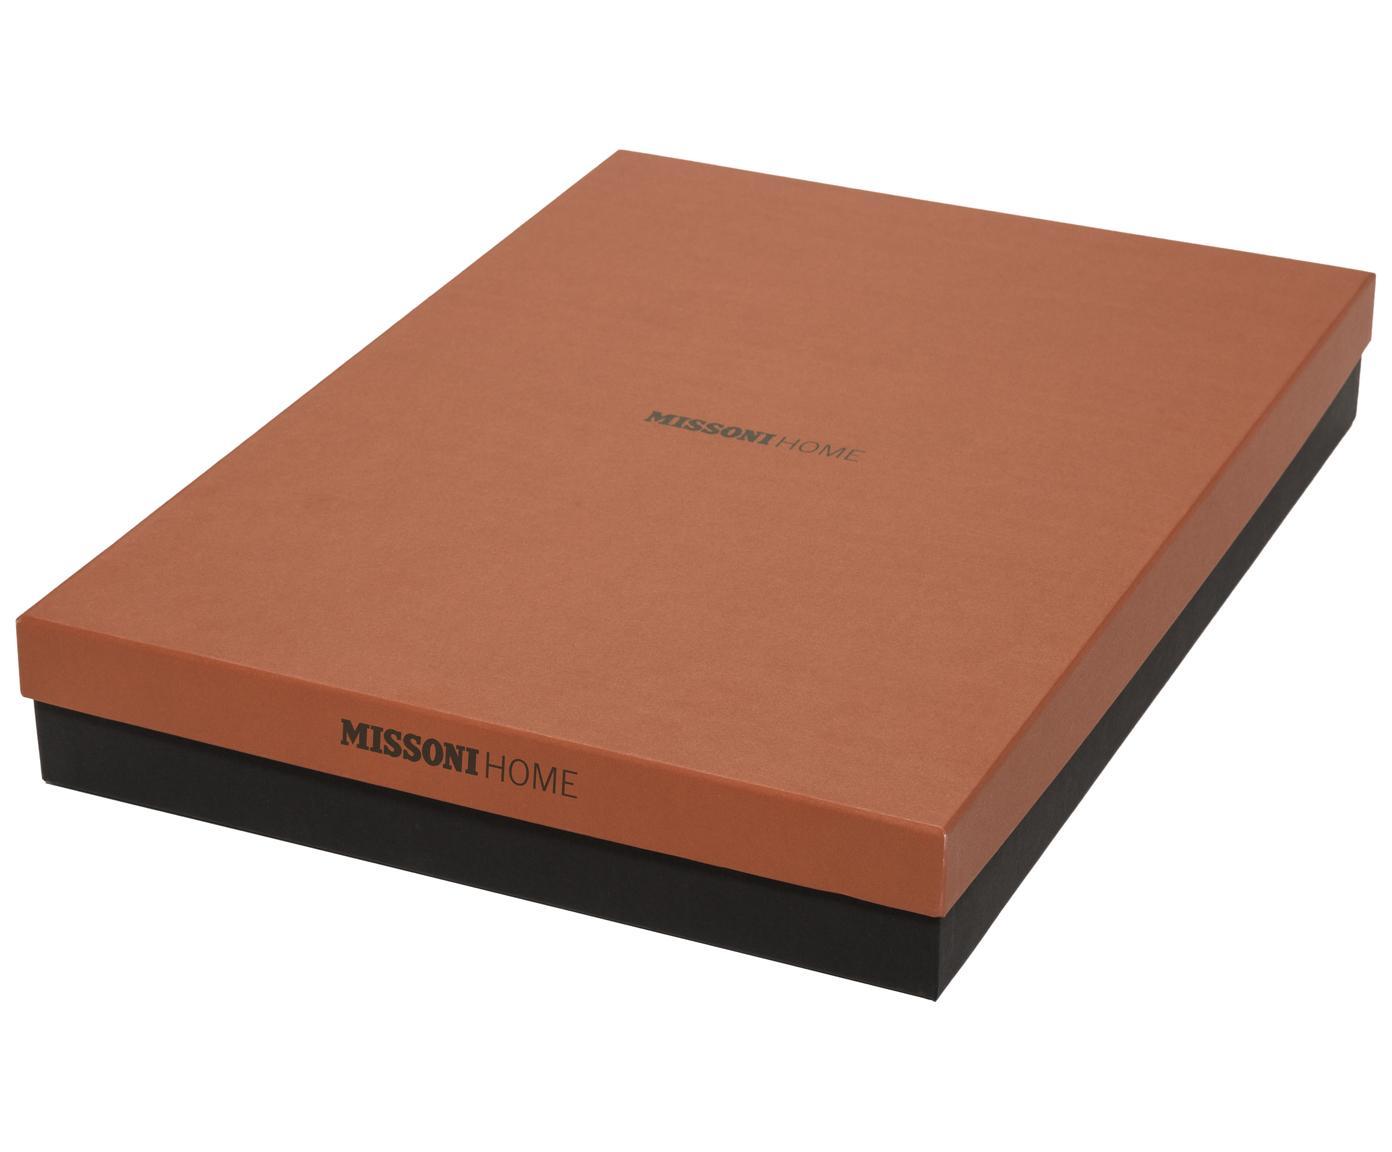 Pled z wełny Perseo, 90% wełna, 10% kaszmir, Pomarańczowy, wielobarwny, S 130 x D 190 cm